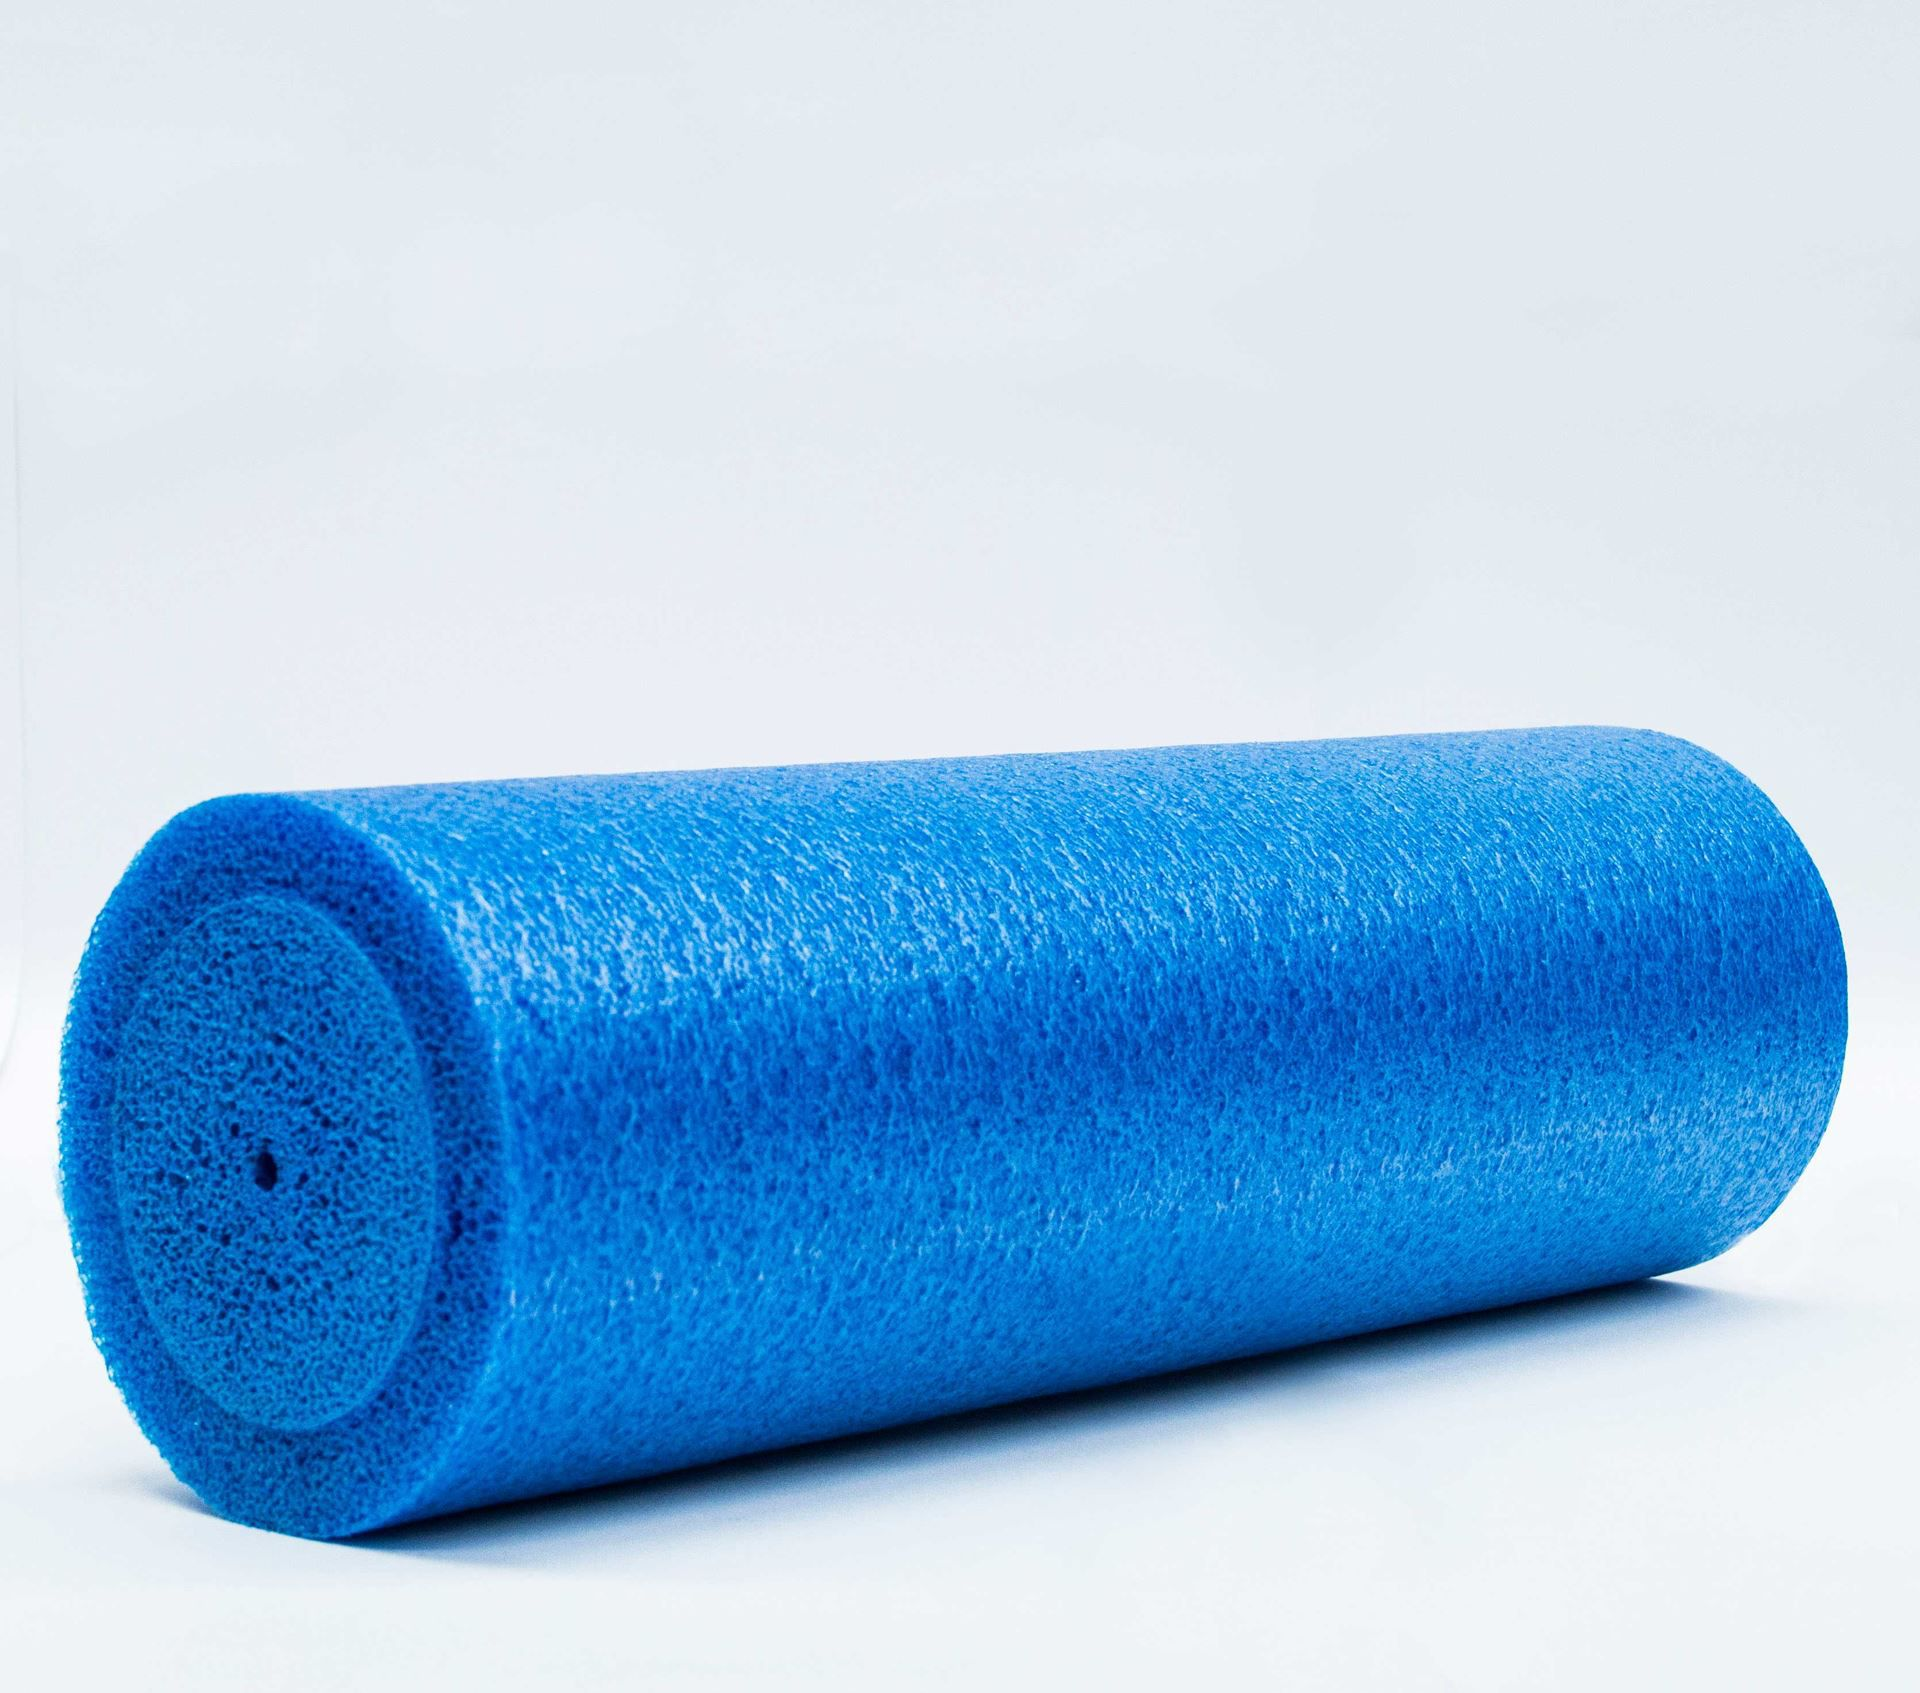 Rolo de Eva para Exercícios de Alongamento e Pilates - Foam Roller 45 cm - Rae Fitness